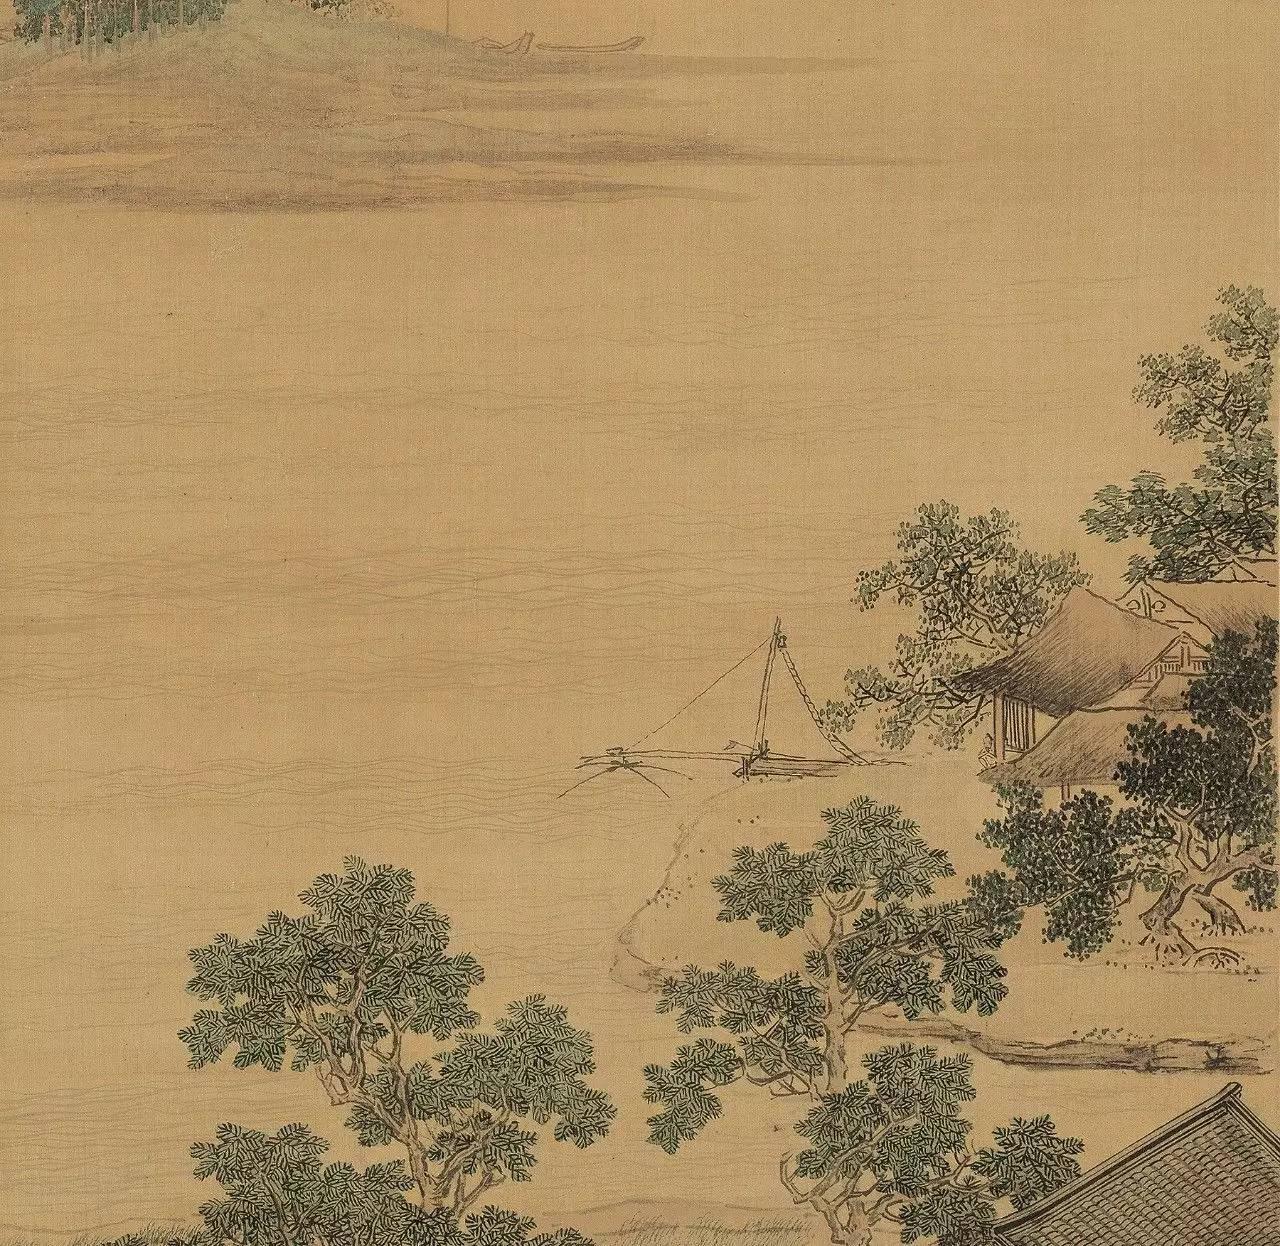 恬静安乐的生活,玛兹尔的发现,圣元特配粉明,仇英《莲溪渔隐图》欣赏